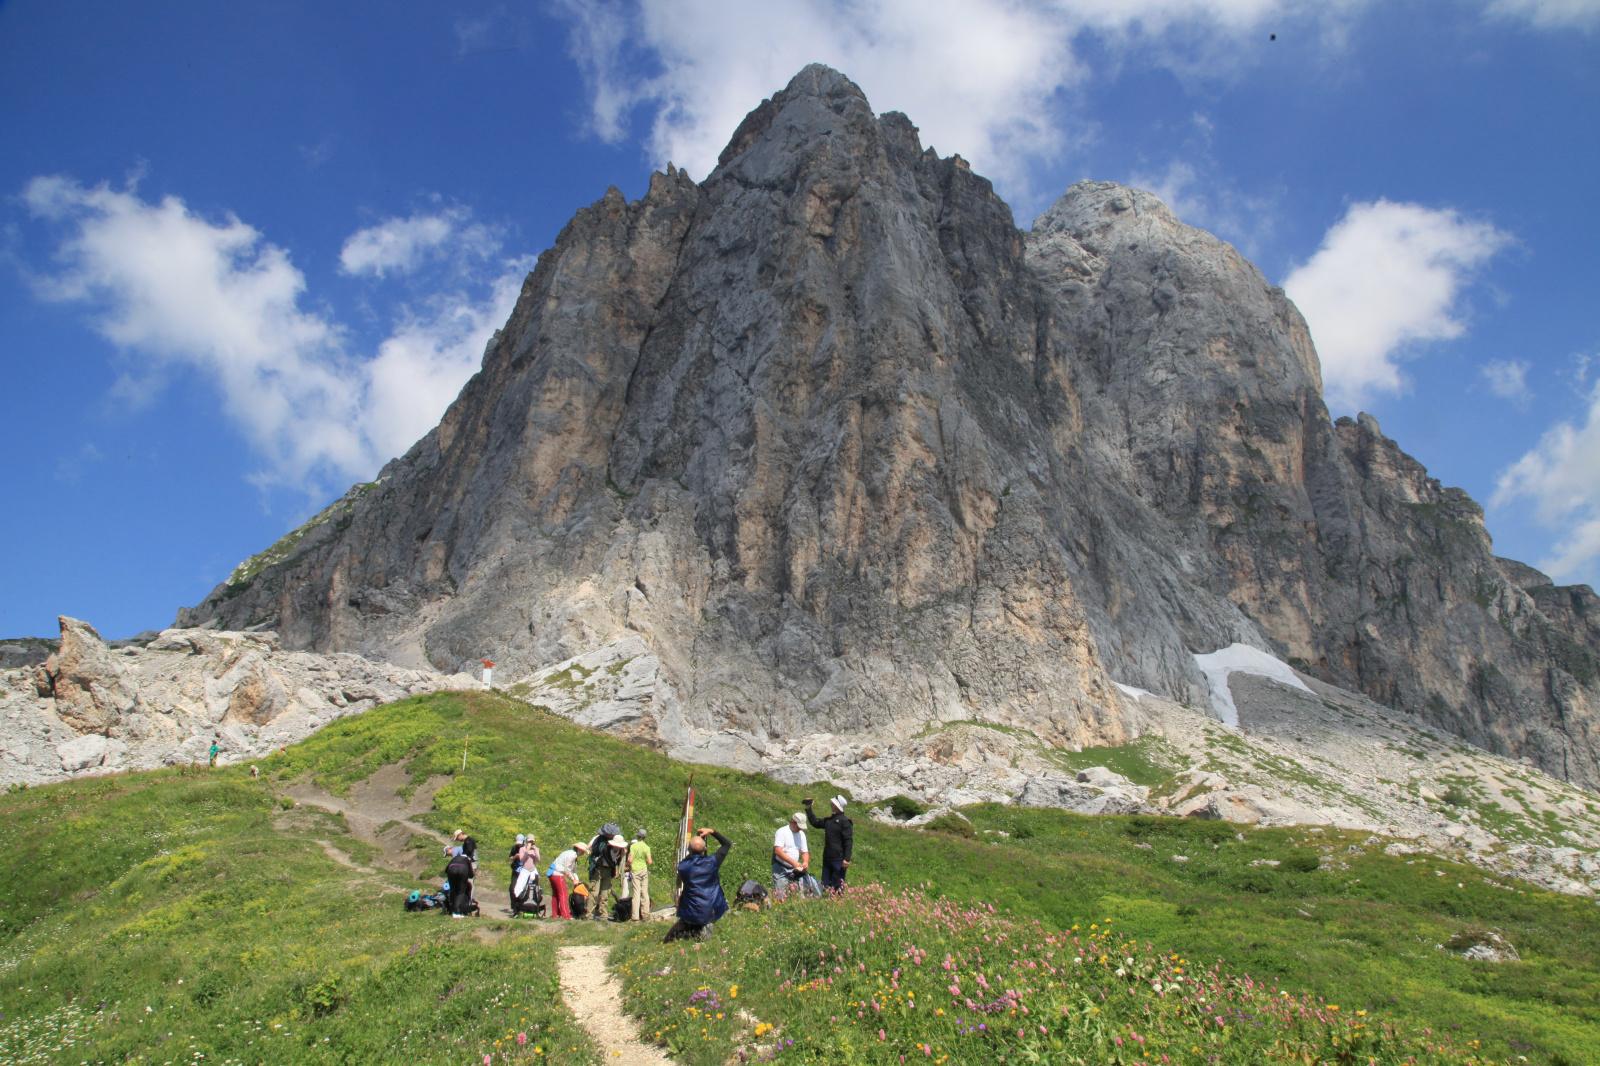 Тридцатка - это выбор тех, кто приезжает в этот заповедный край, чтобы пройти свой путь к облакам и заглянуть в себя в медитативном молчании вершин.